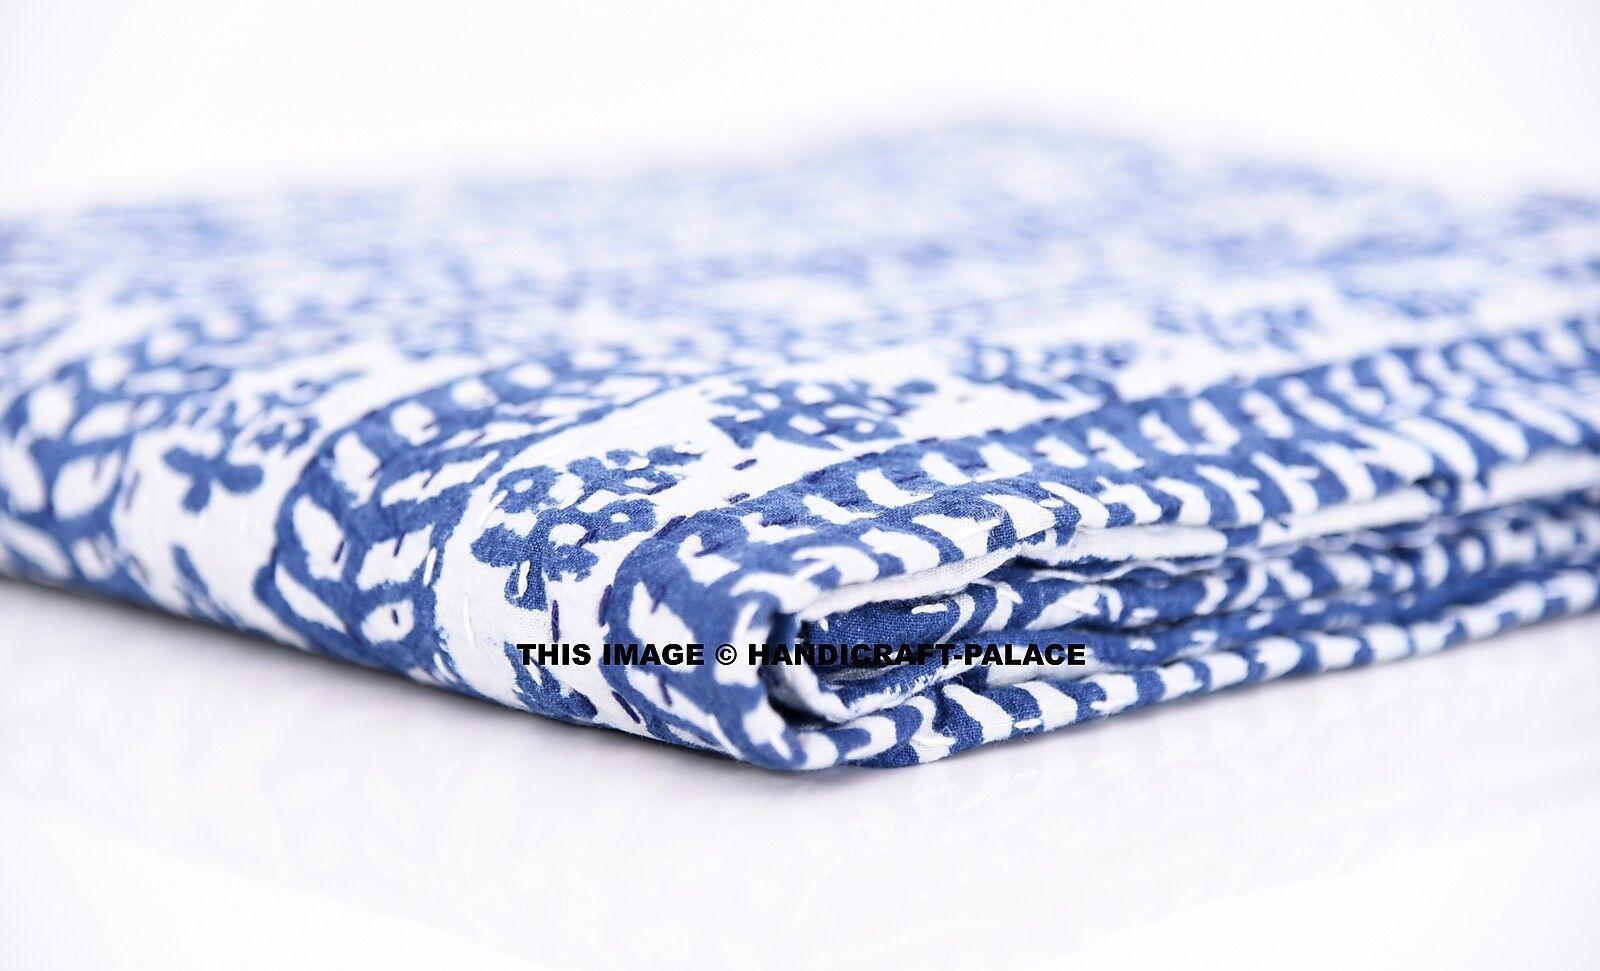 Indian Handmade Quilt Kantha Queen Bedspread Throw Cotton Blanket Indigo Blau